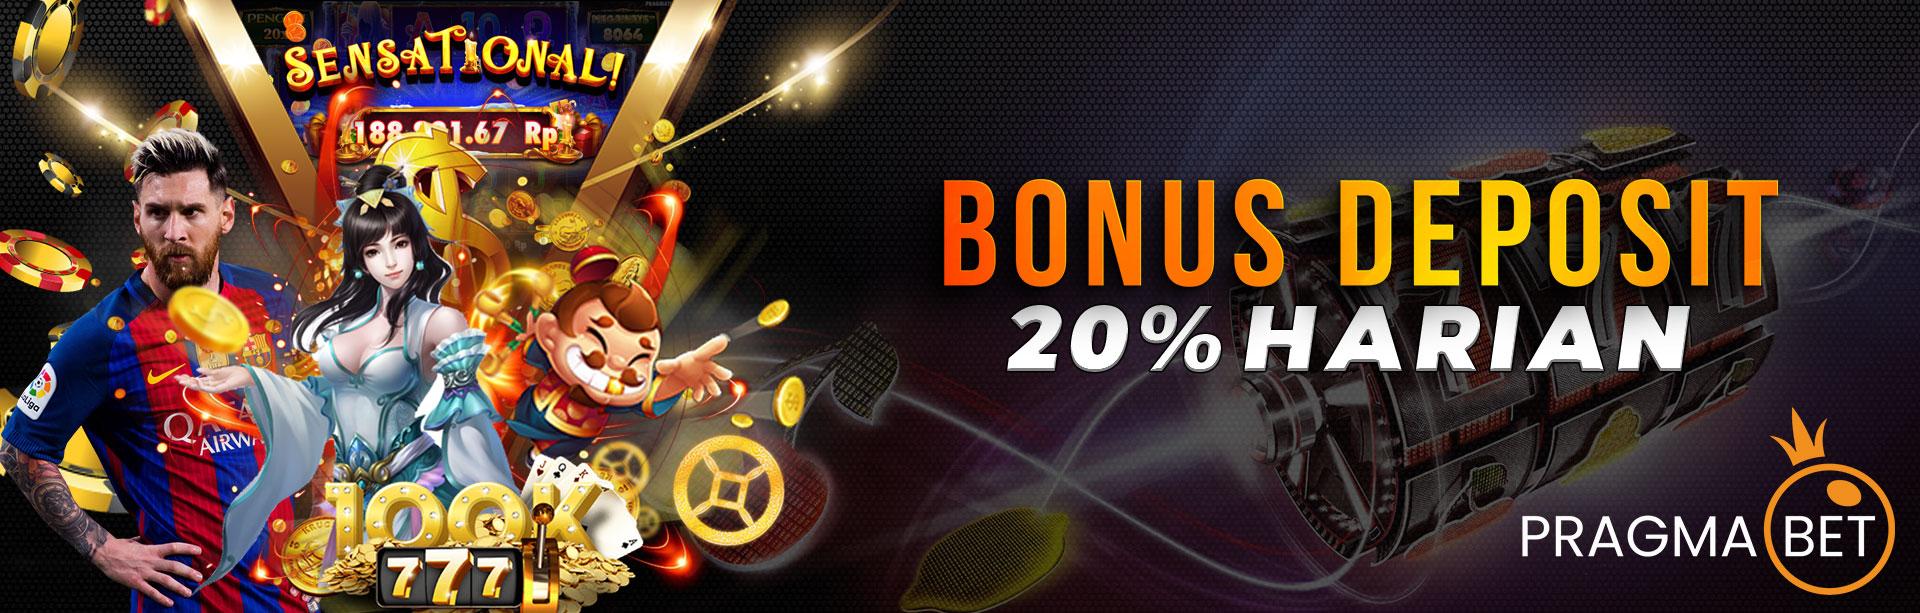 Bonus Deposit Harian Pragmabet